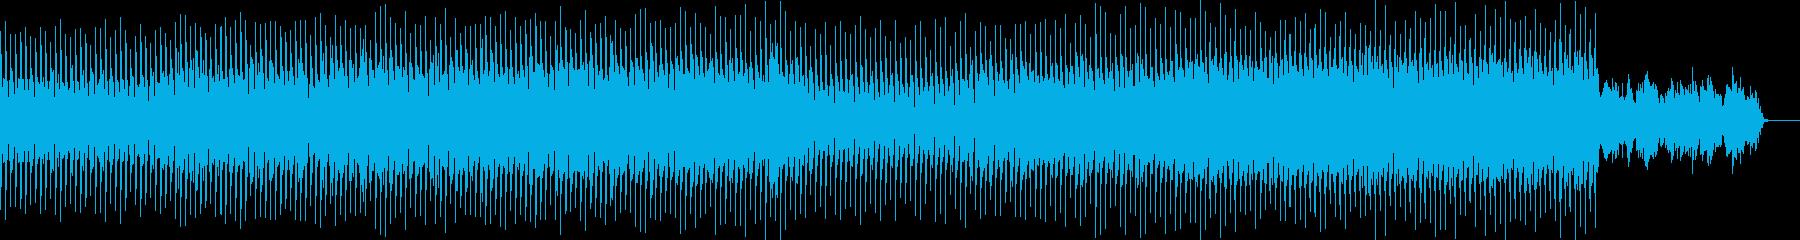 ニュース映像ナレーションバック向け-07の再生済みの波形